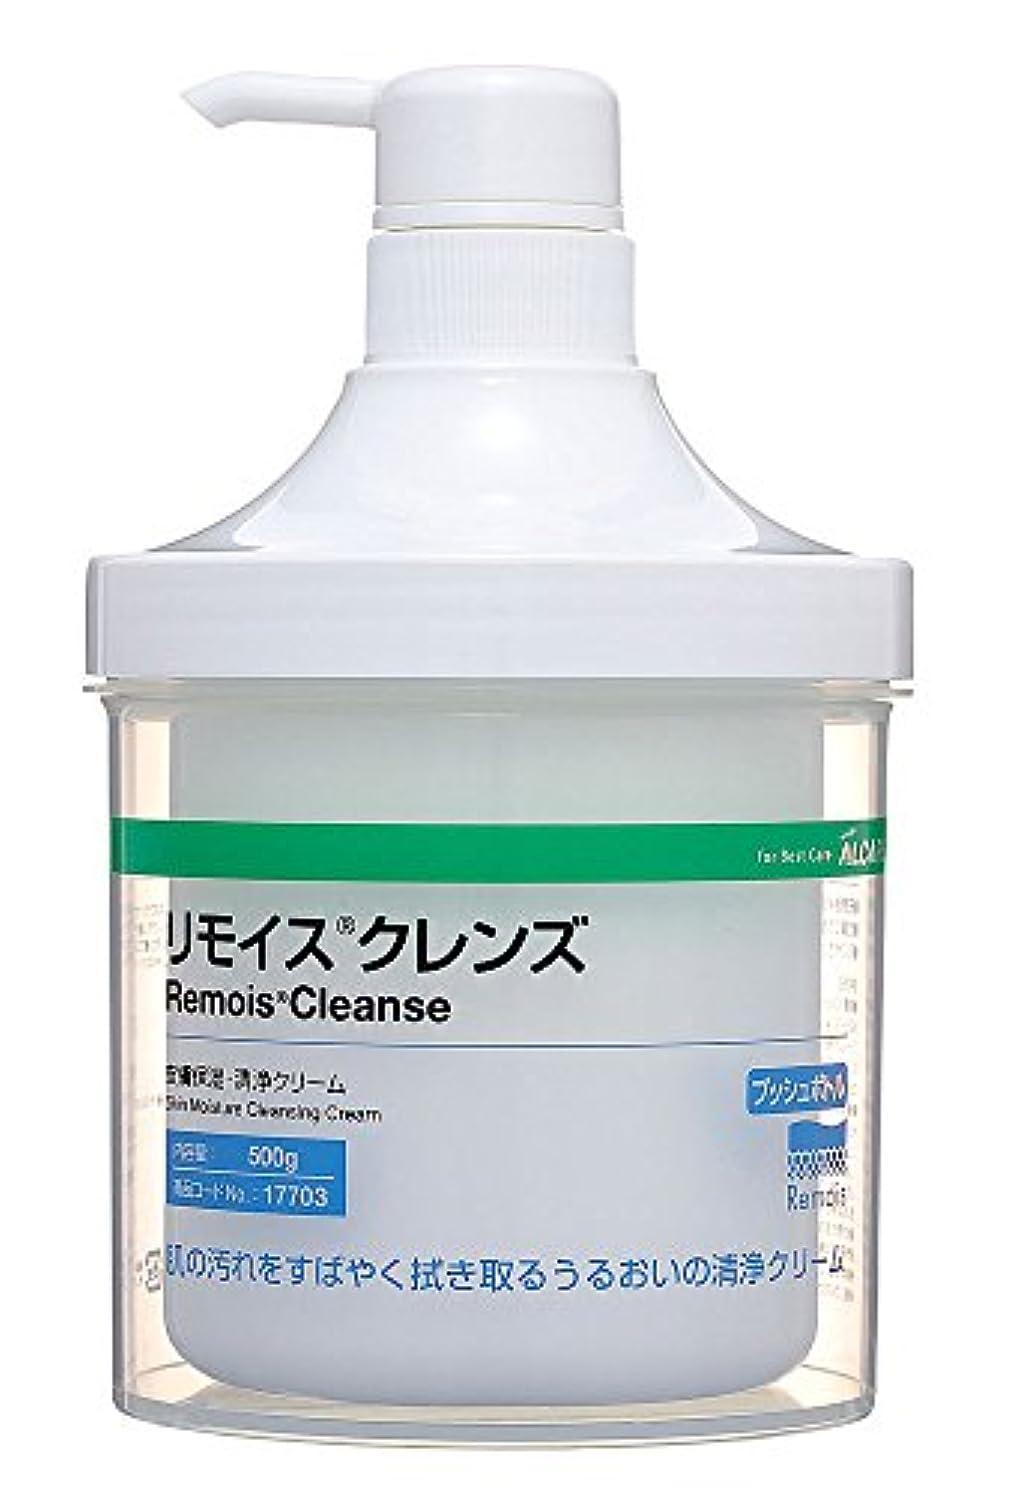 バイオリニスト確かに男アルケア リモイスクレンズ 皮膚保湿?清浄クリーム 17703 プッシュボトル 500g